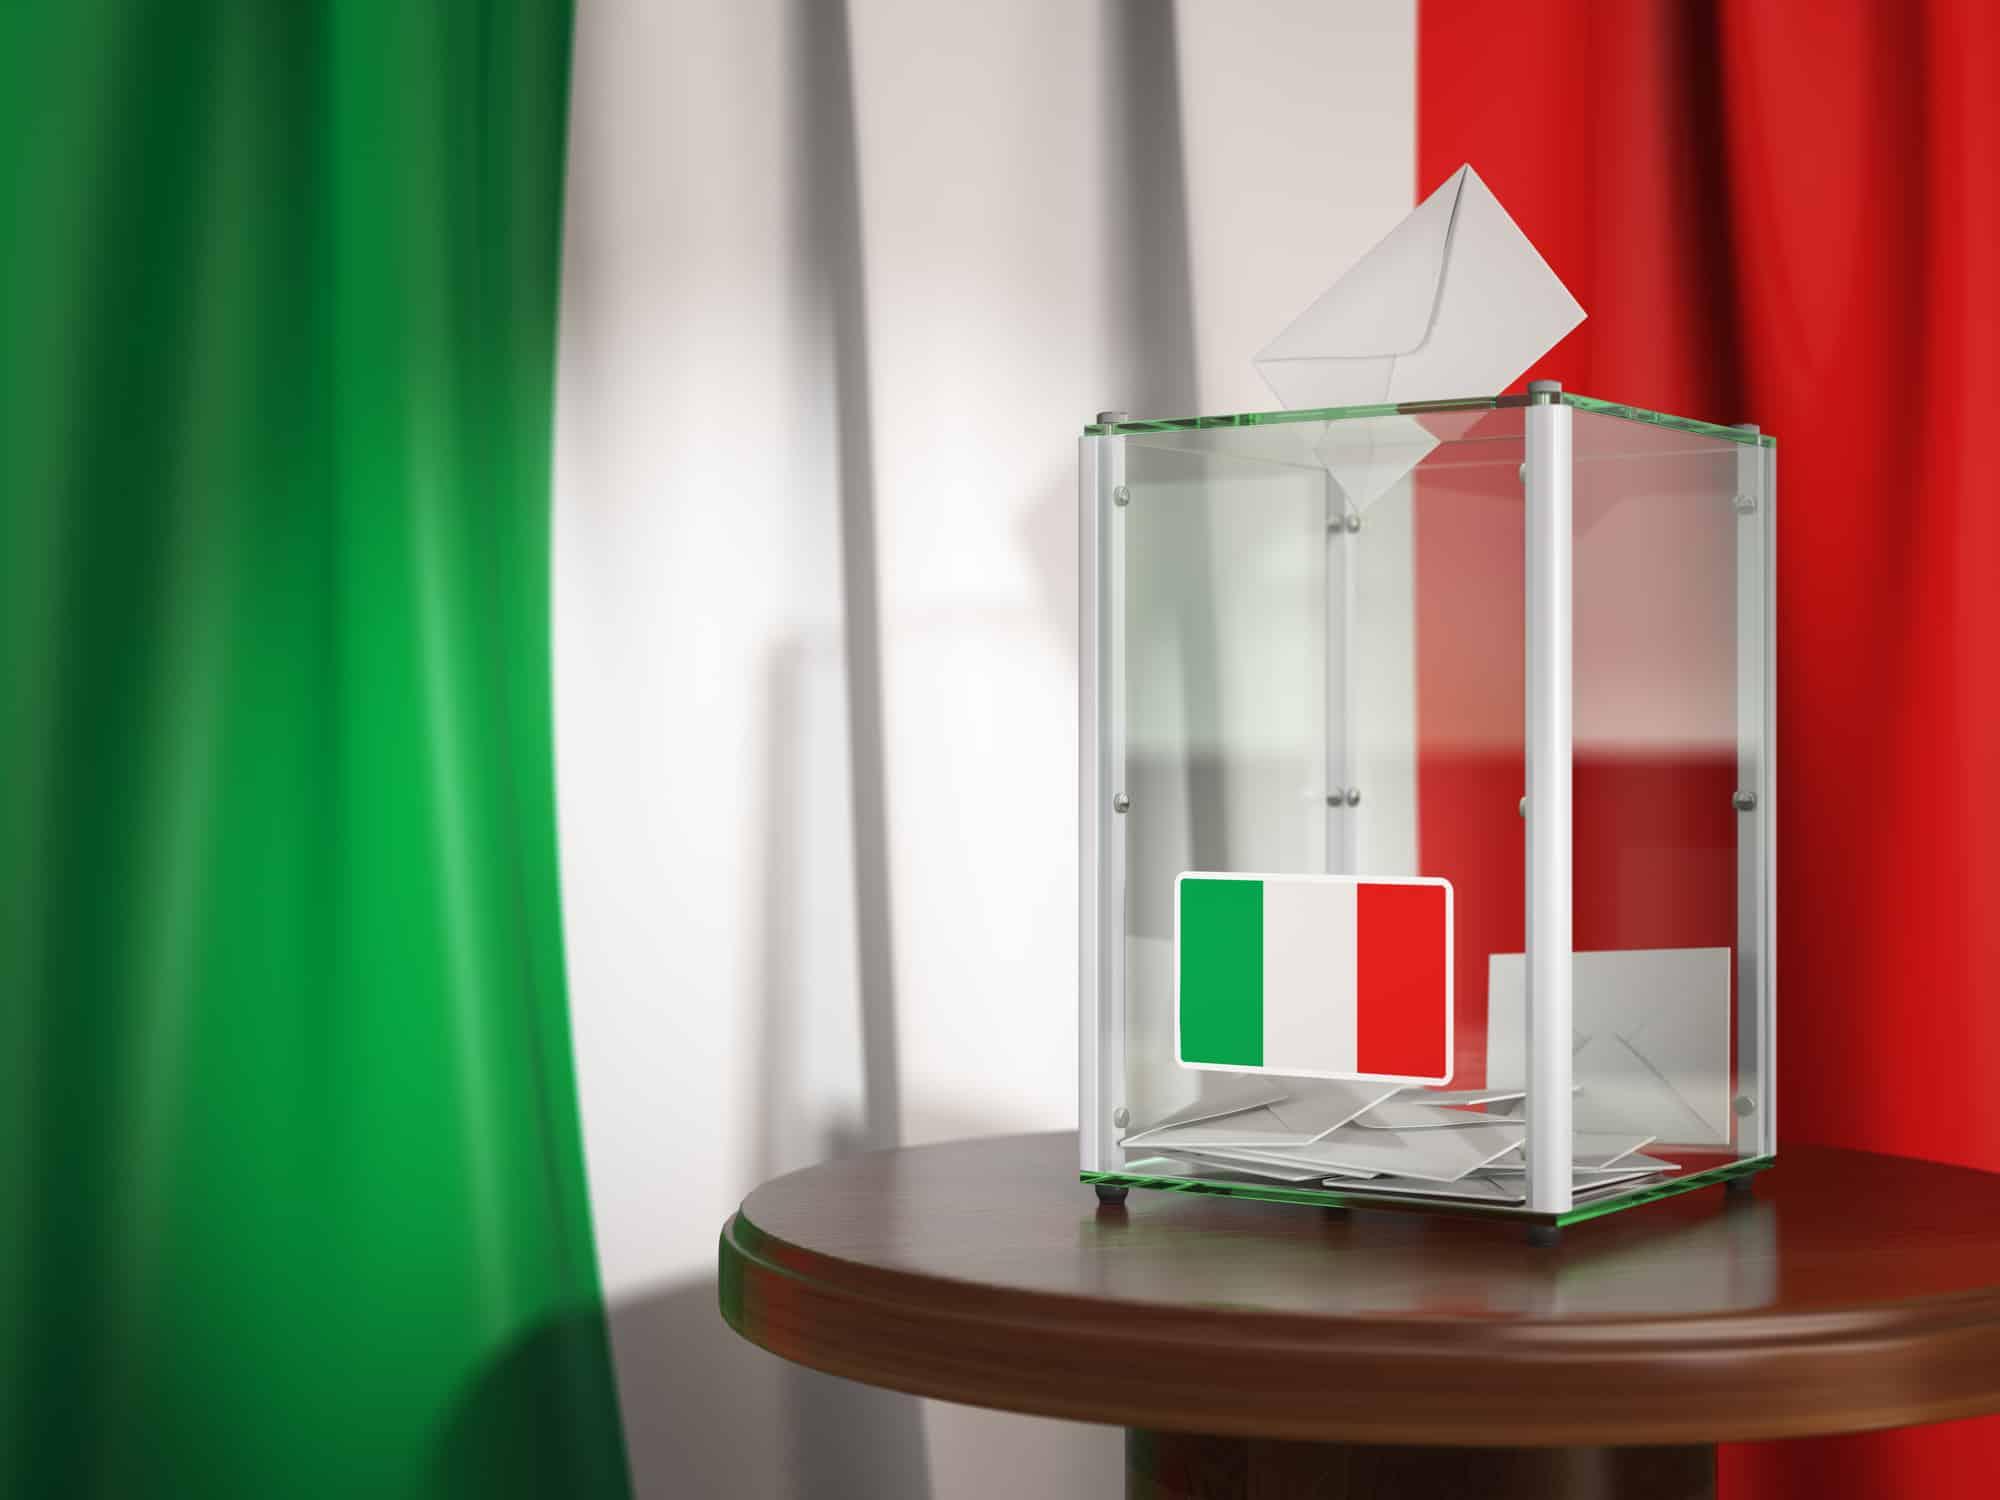 wybory parlamentarne we Włoszech 2018